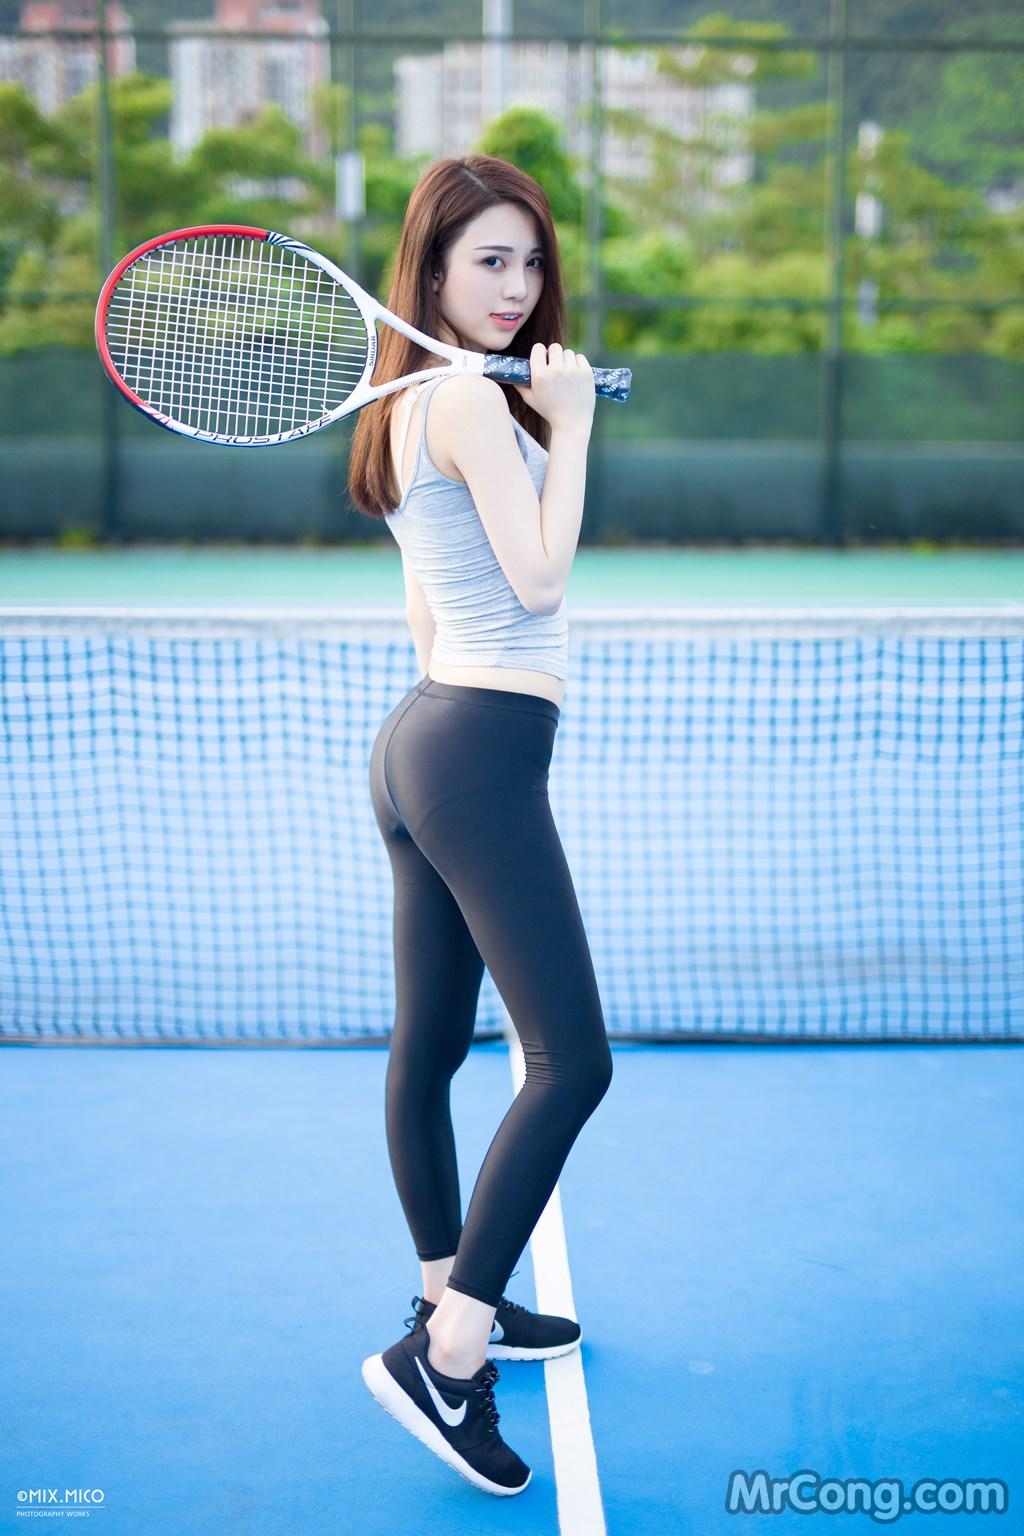 Ngắm thiếu nữ xinh tươi khoe dáng trên sân tennis với trang phục bó sát (33 ảnh)